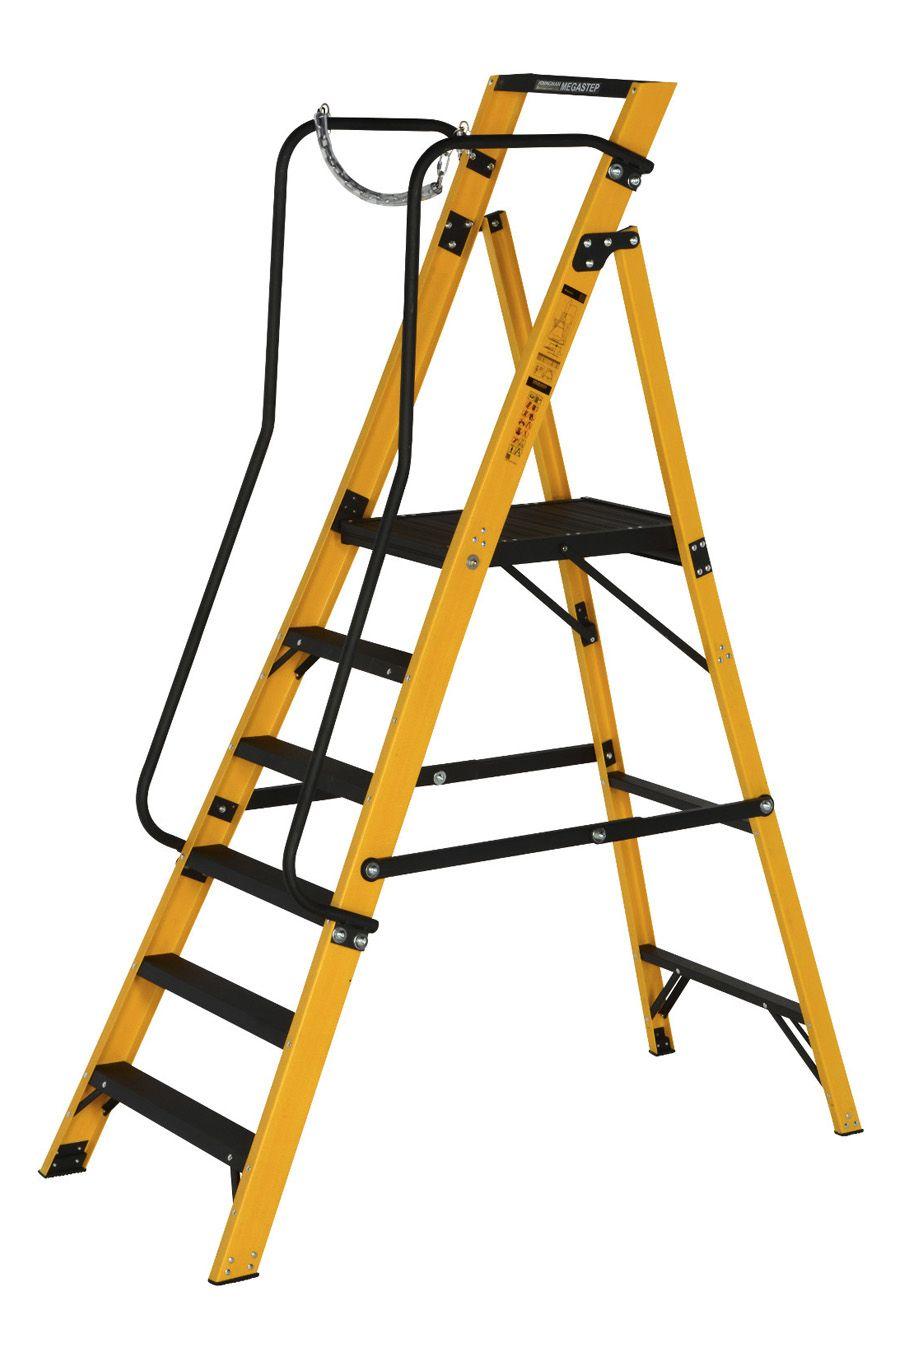 Youngman Fibreglass Megastep Ladders